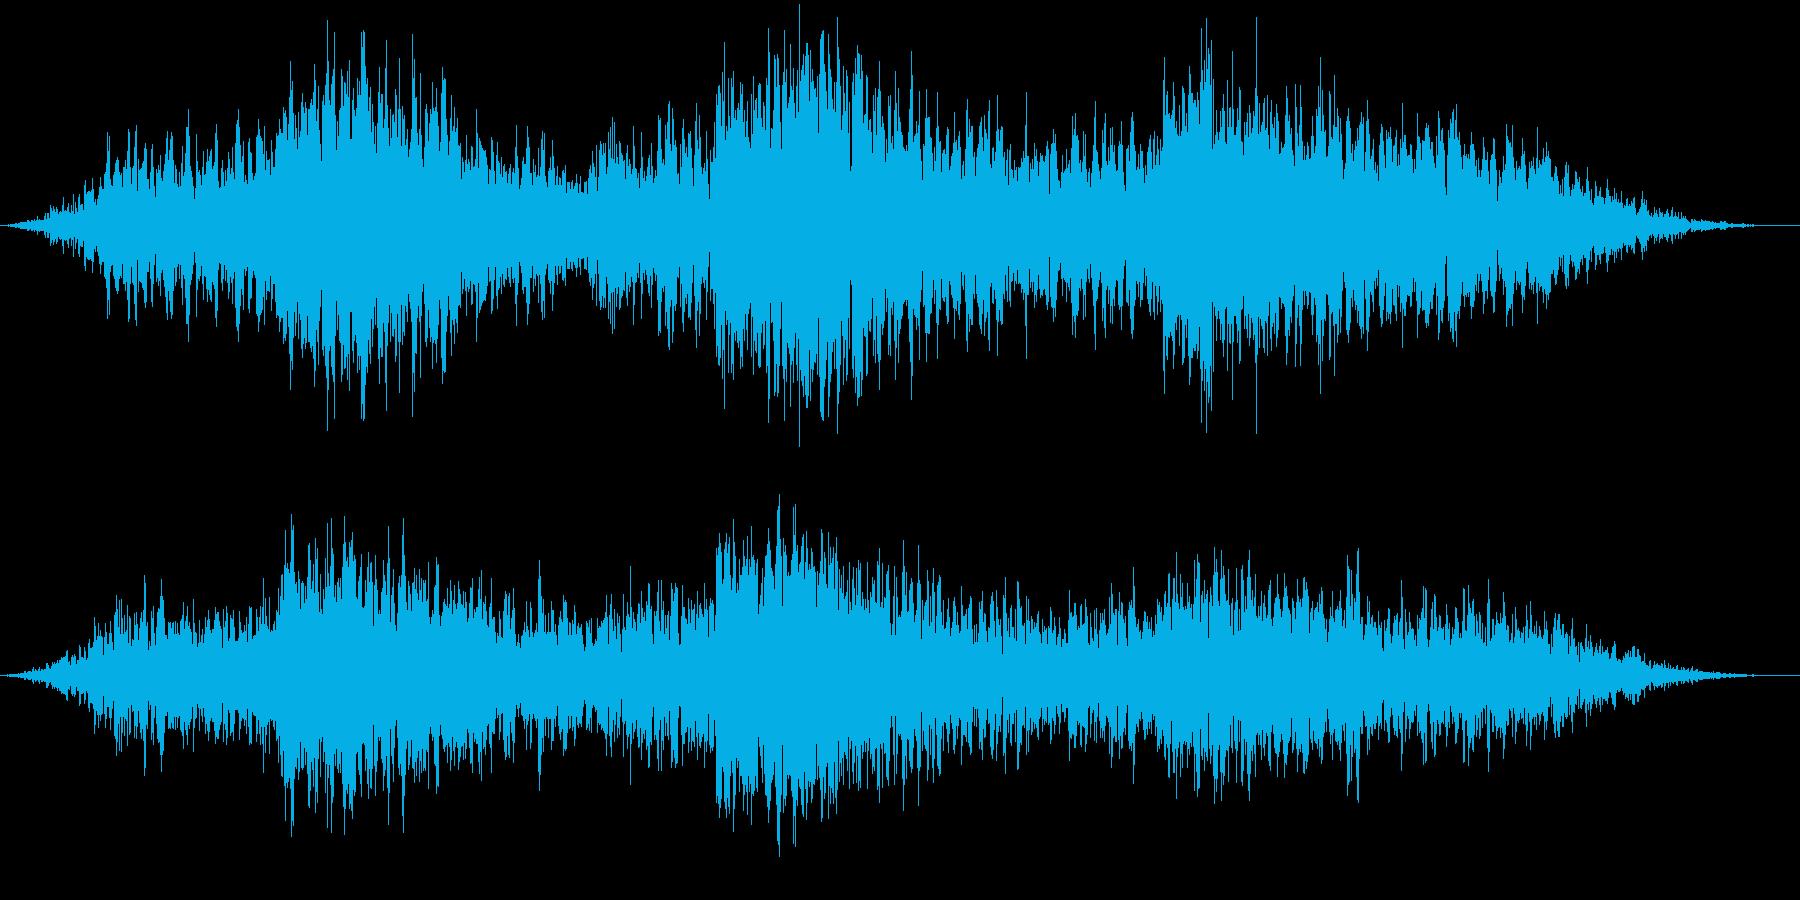 狼の遠吠えの再生済みの波形